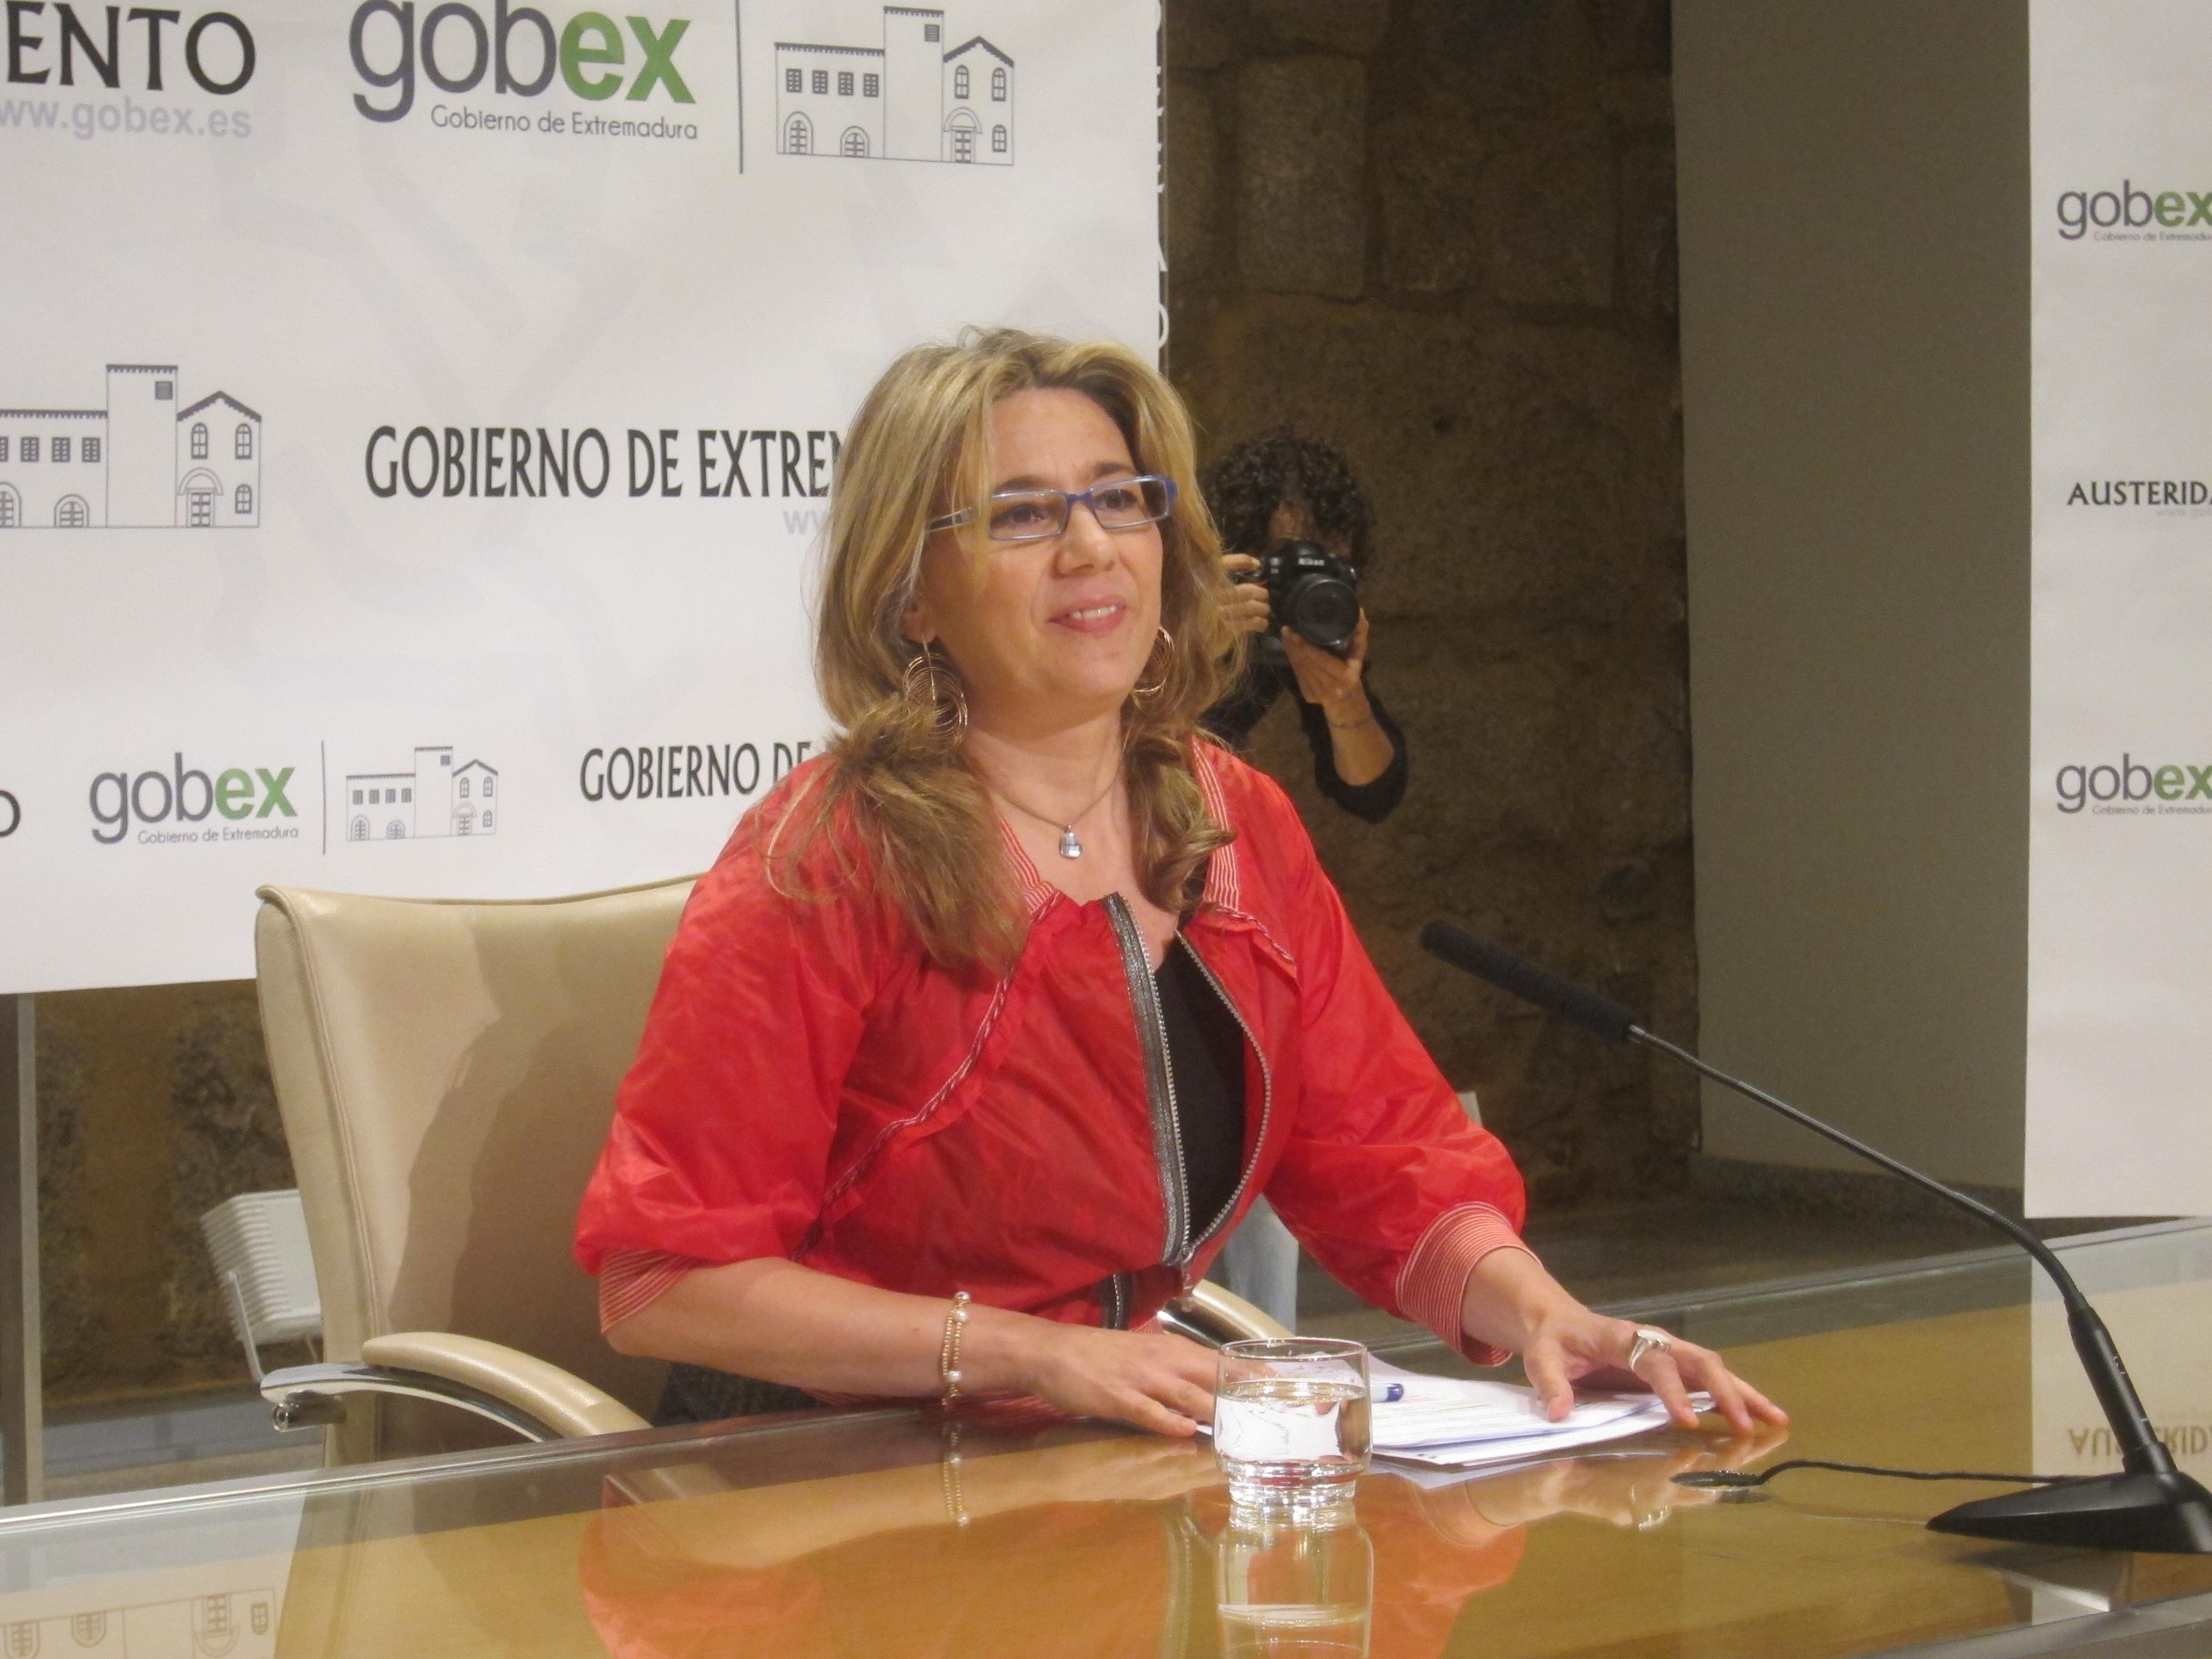 El Gobierno extremeño destina 29 millones de euros para diferentes acciones destinadas a mejorar la empleabilidad